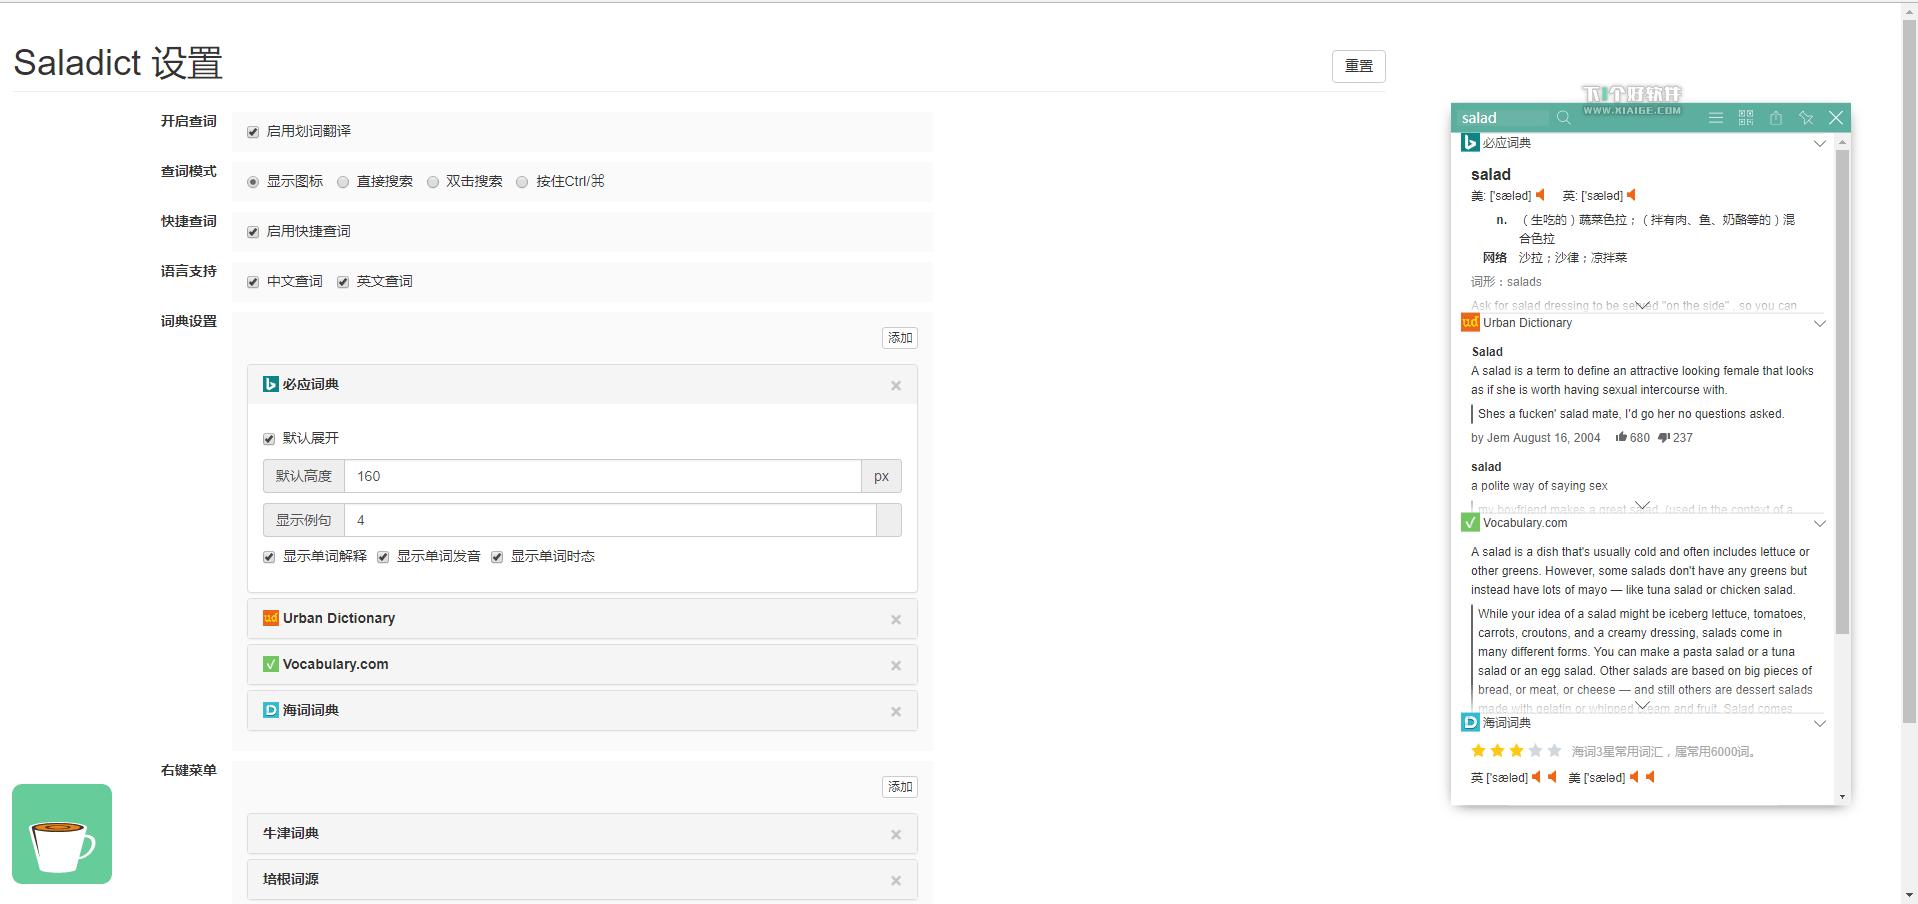 Chrome扩展:沙拉查词,网页划词翻译 插件扩展 第1张